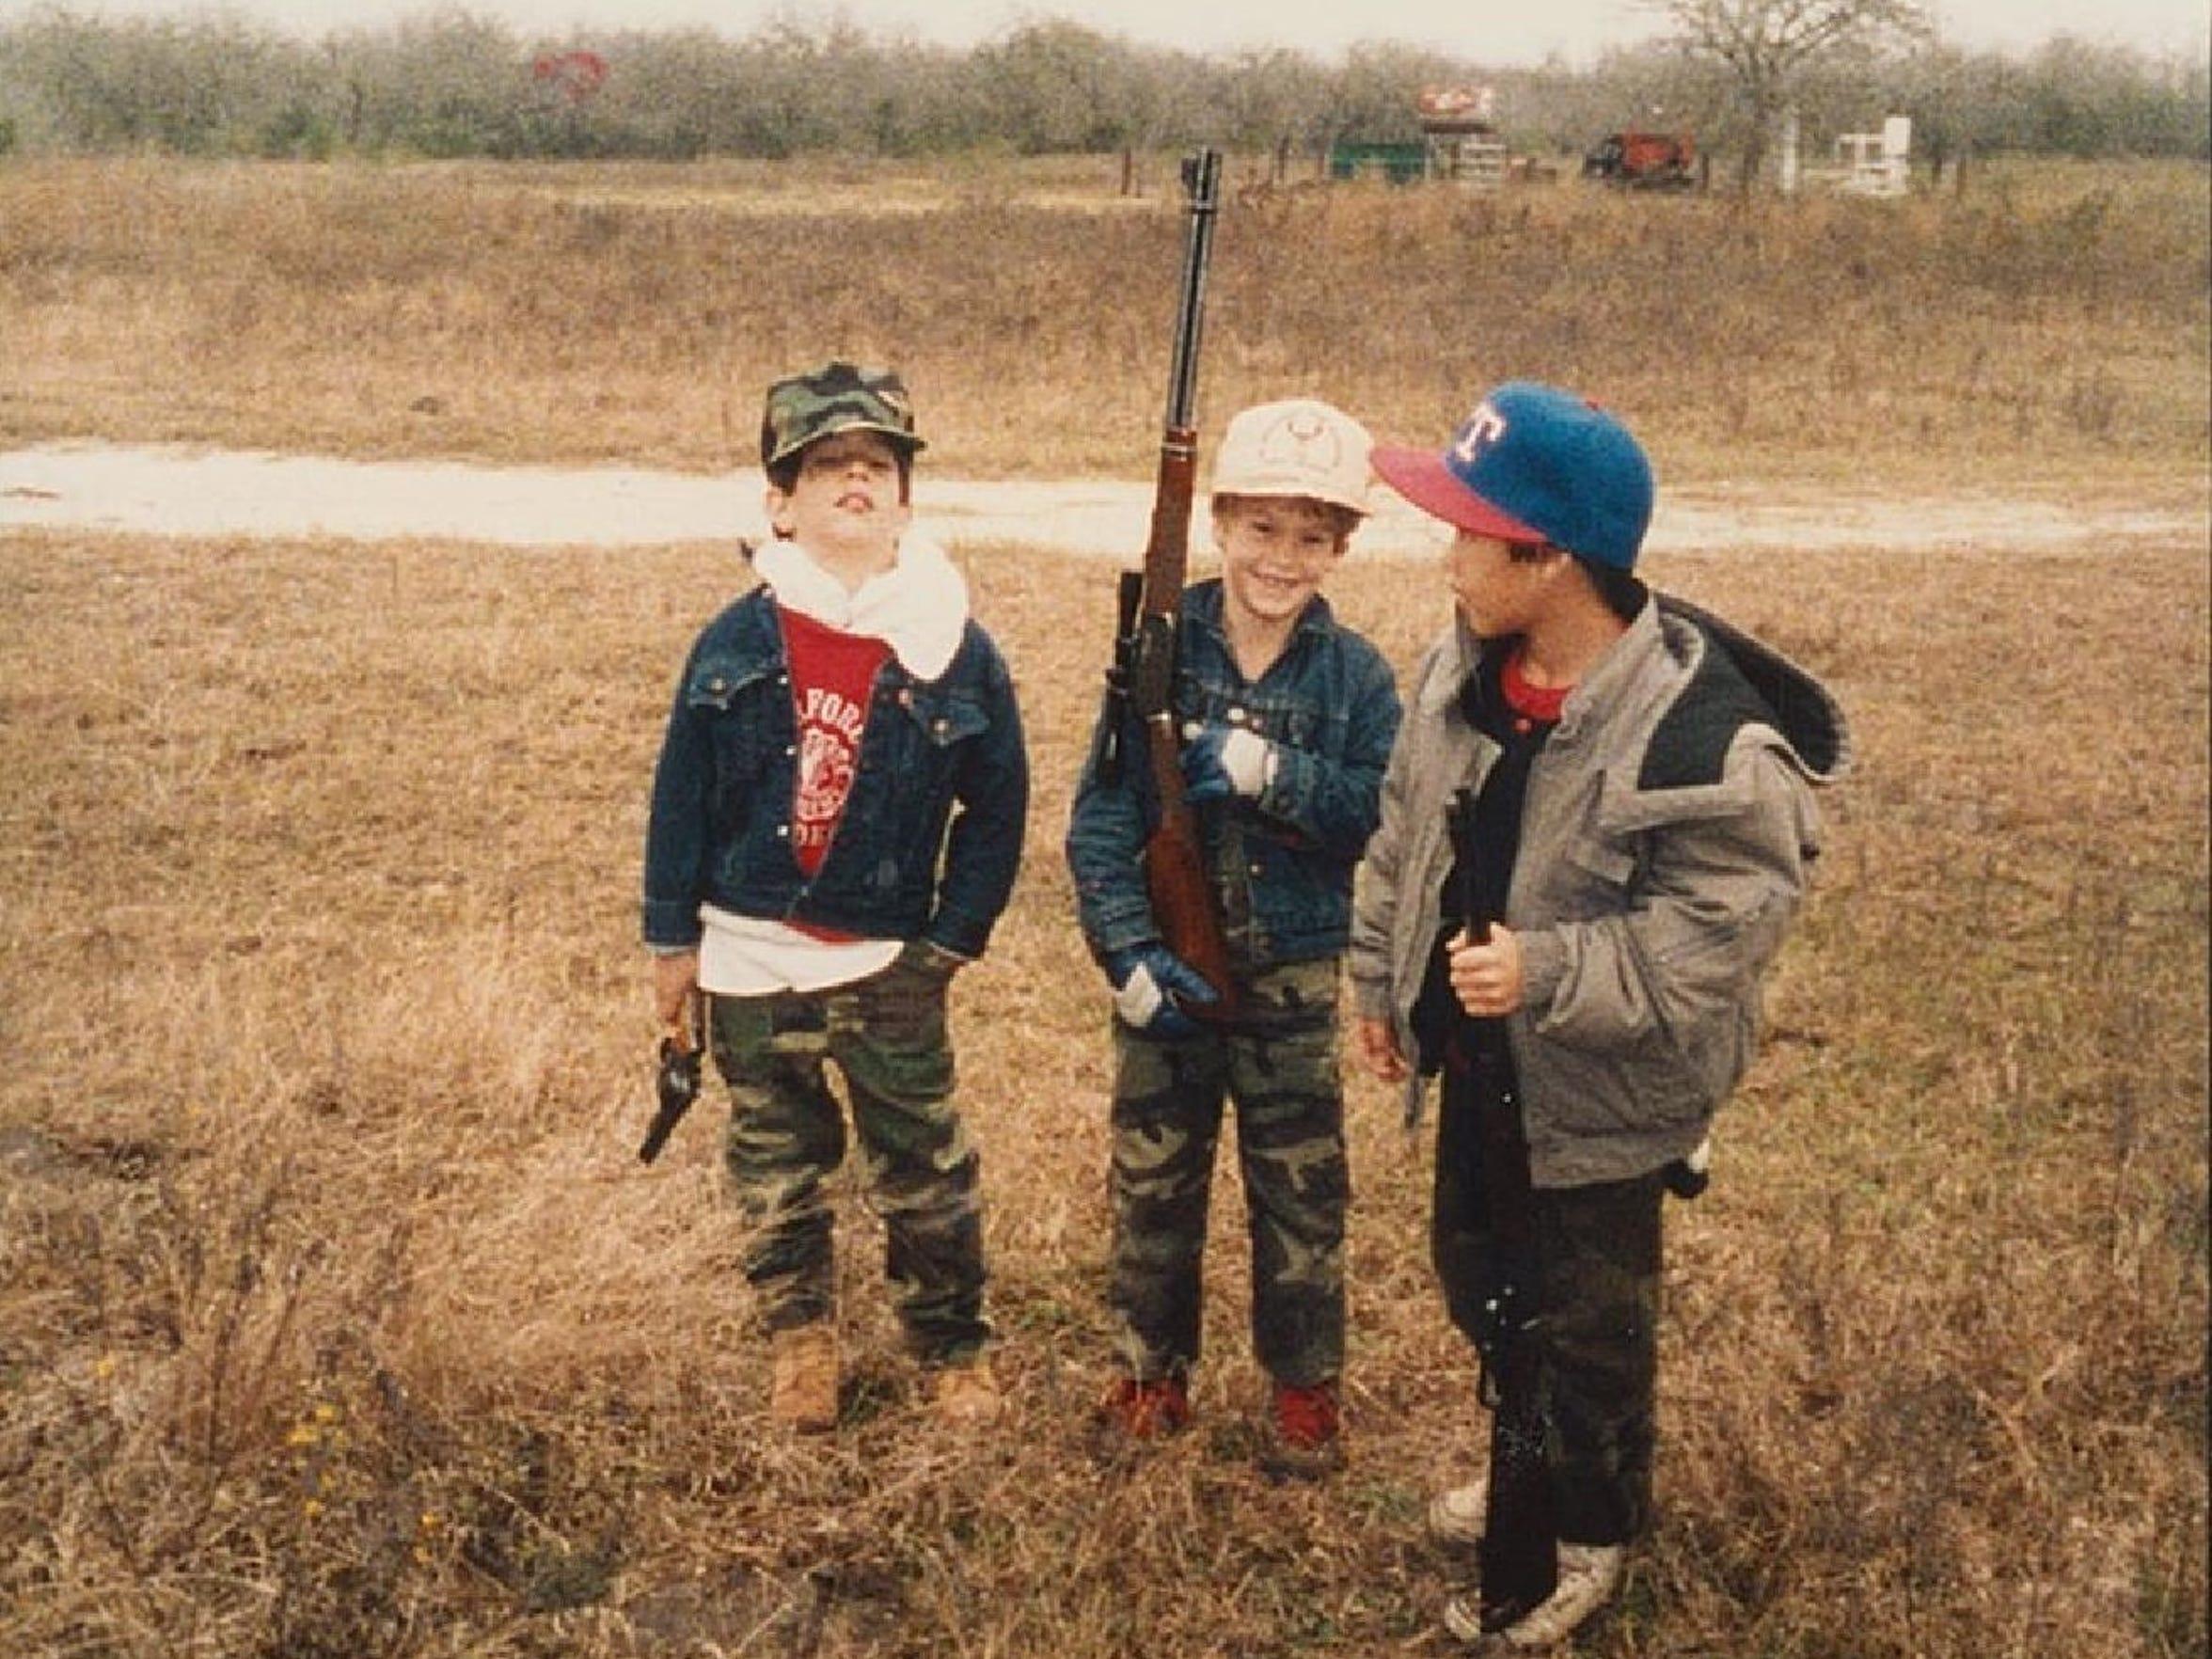 Left to right, Rudy Jaramillo's son Justin Jaramillo,